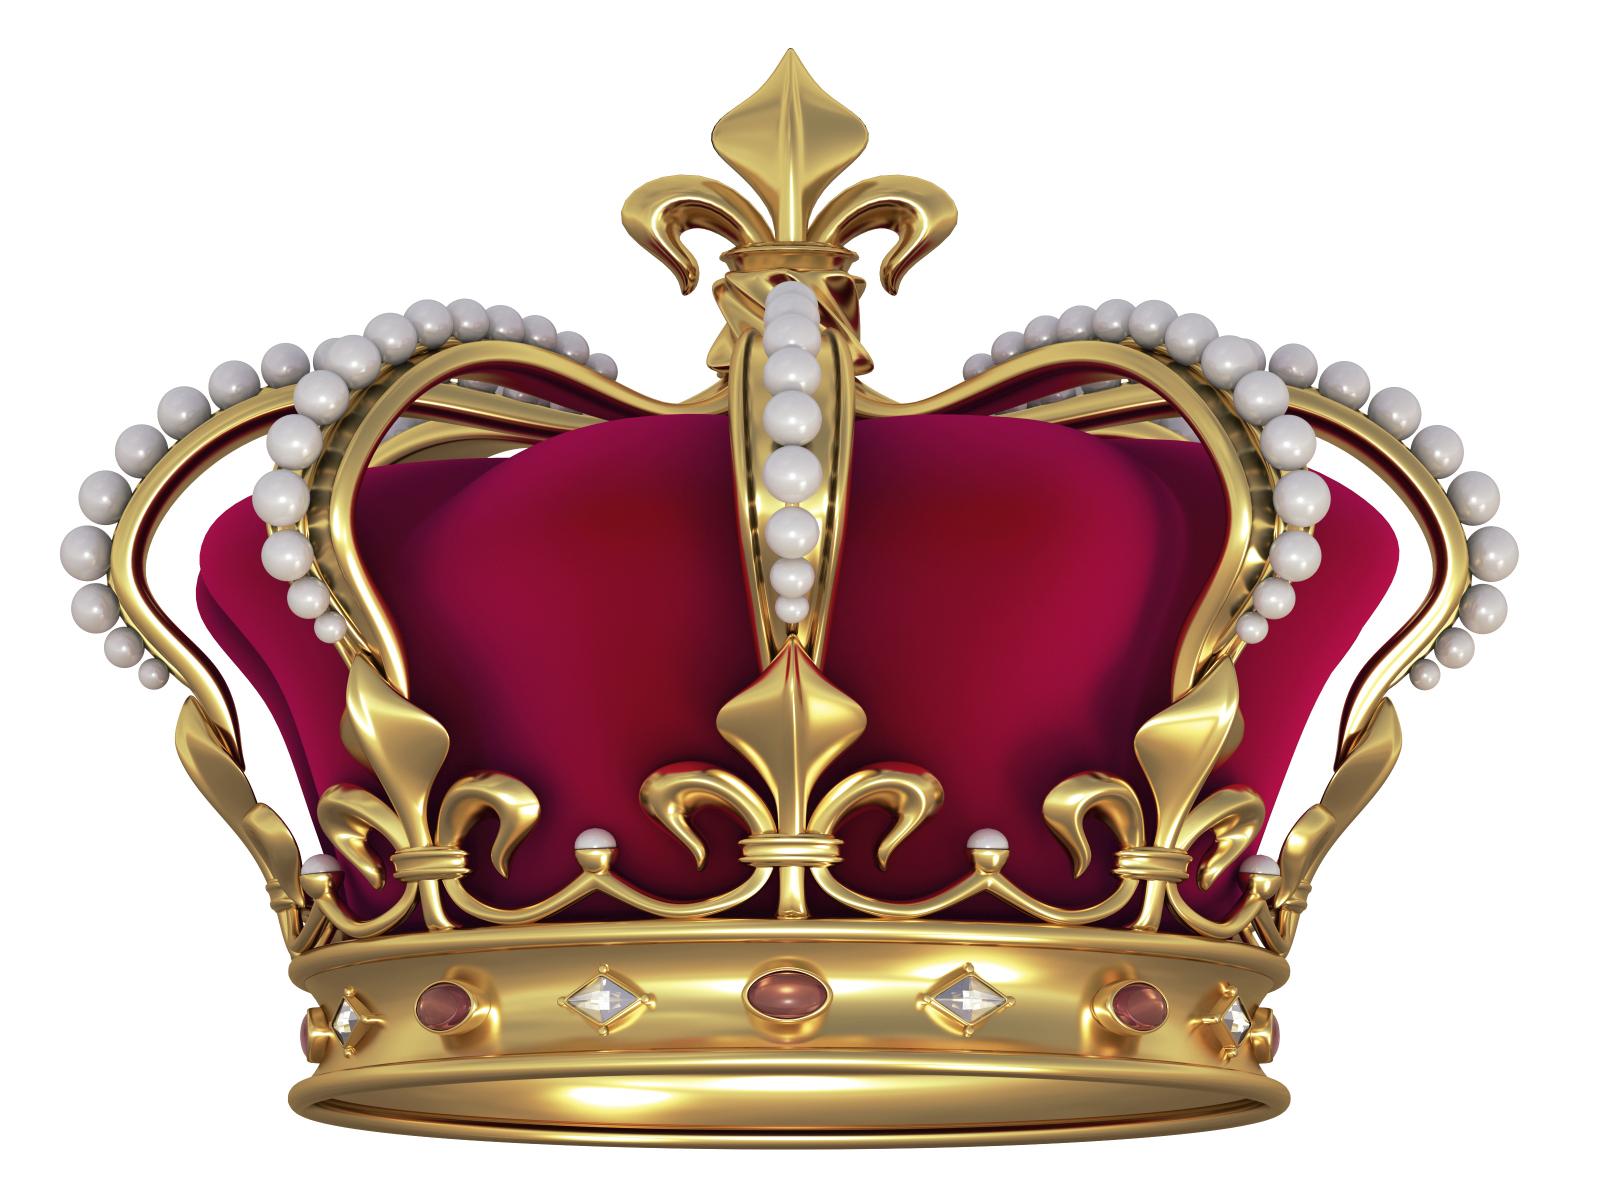 King Crown Wallpaper King Crown Background King